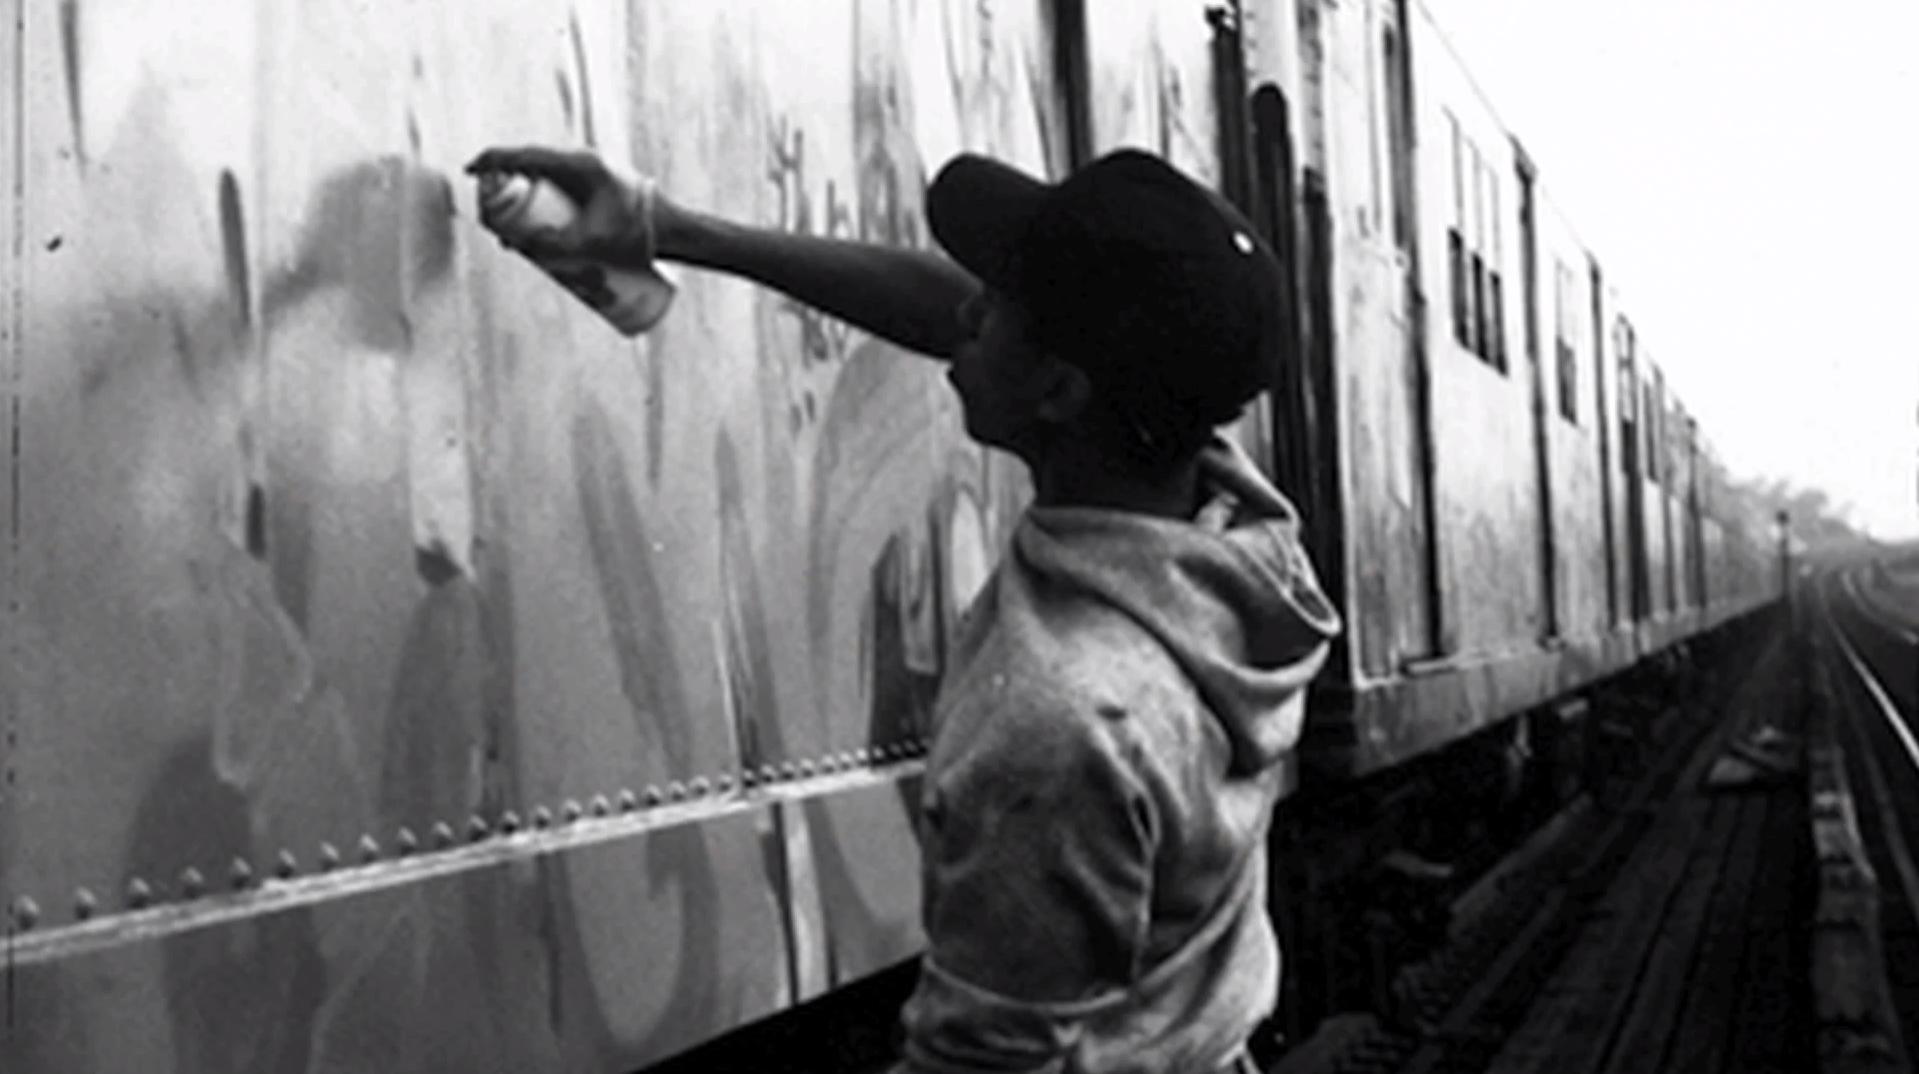 Wane_COD_Graffiti_NYC_2